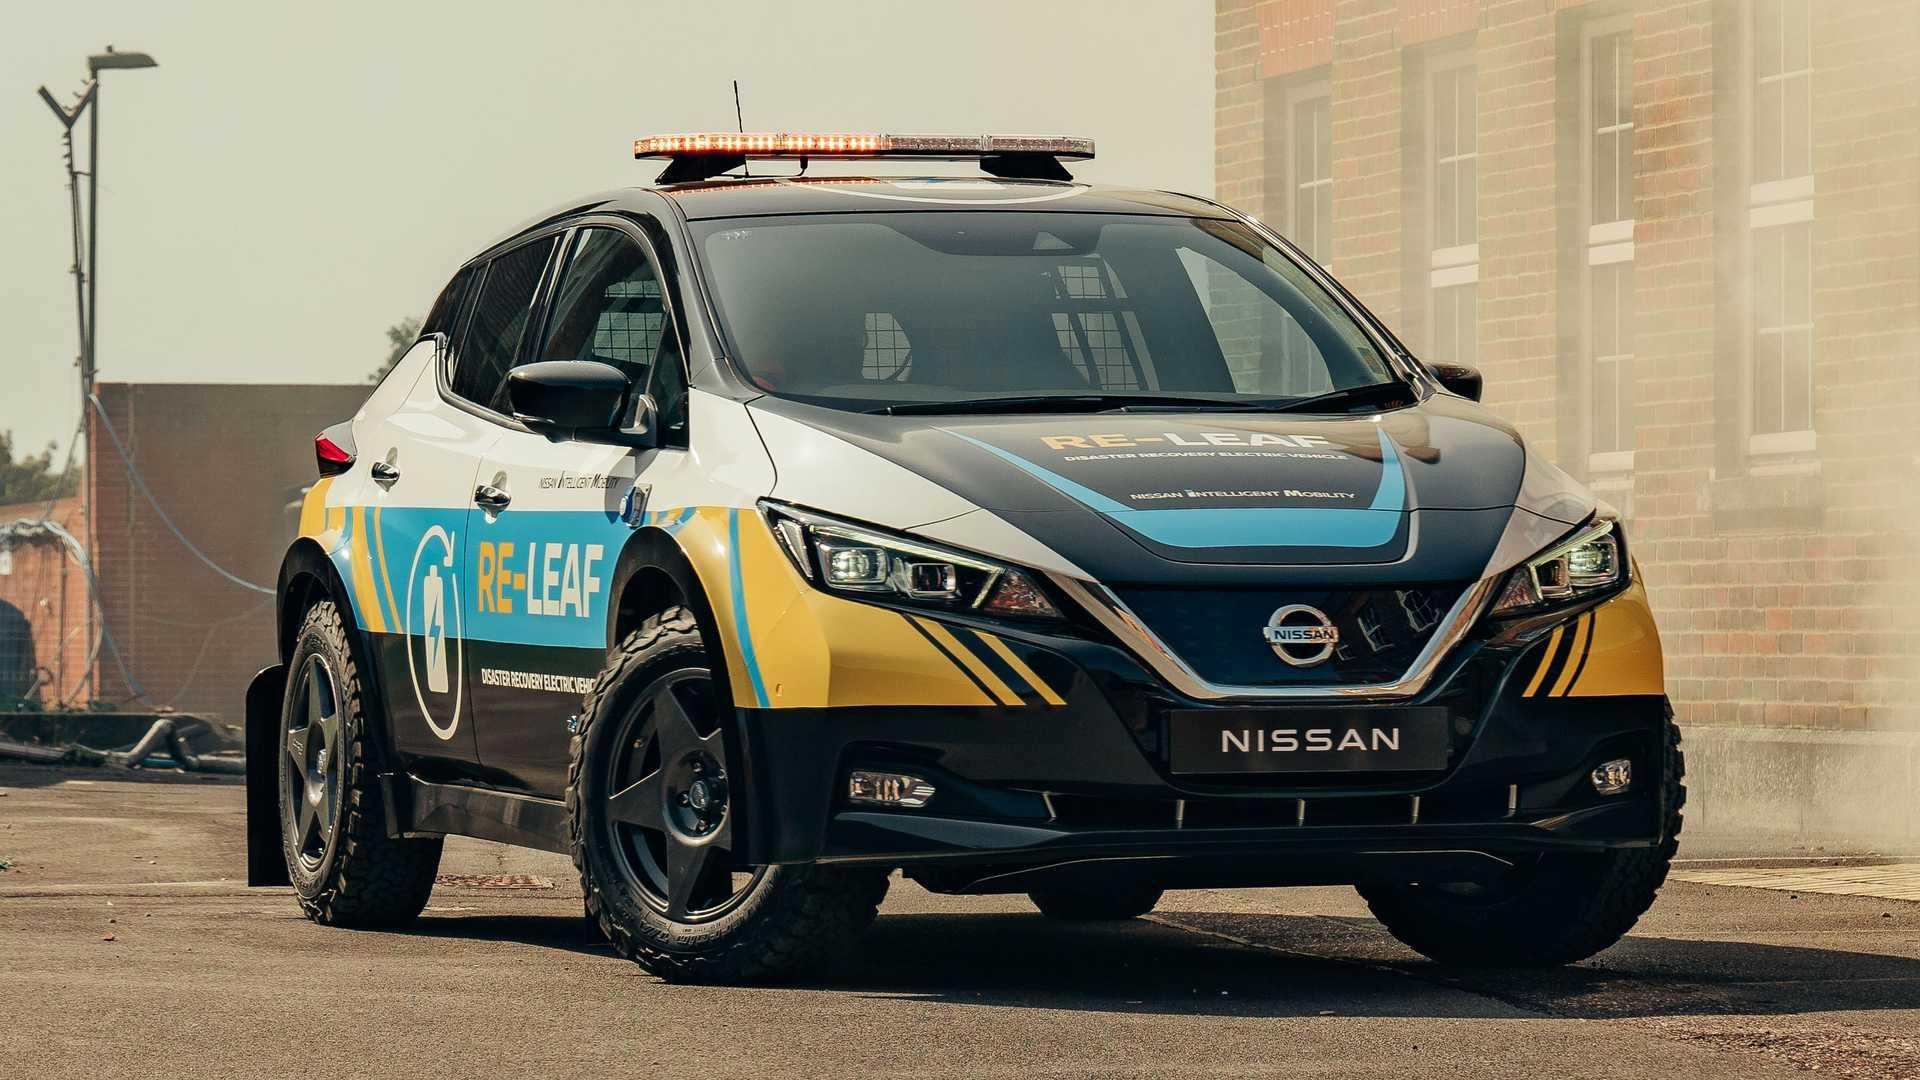 Nissan Re-Leaf gyorsbeavatkozó jármű